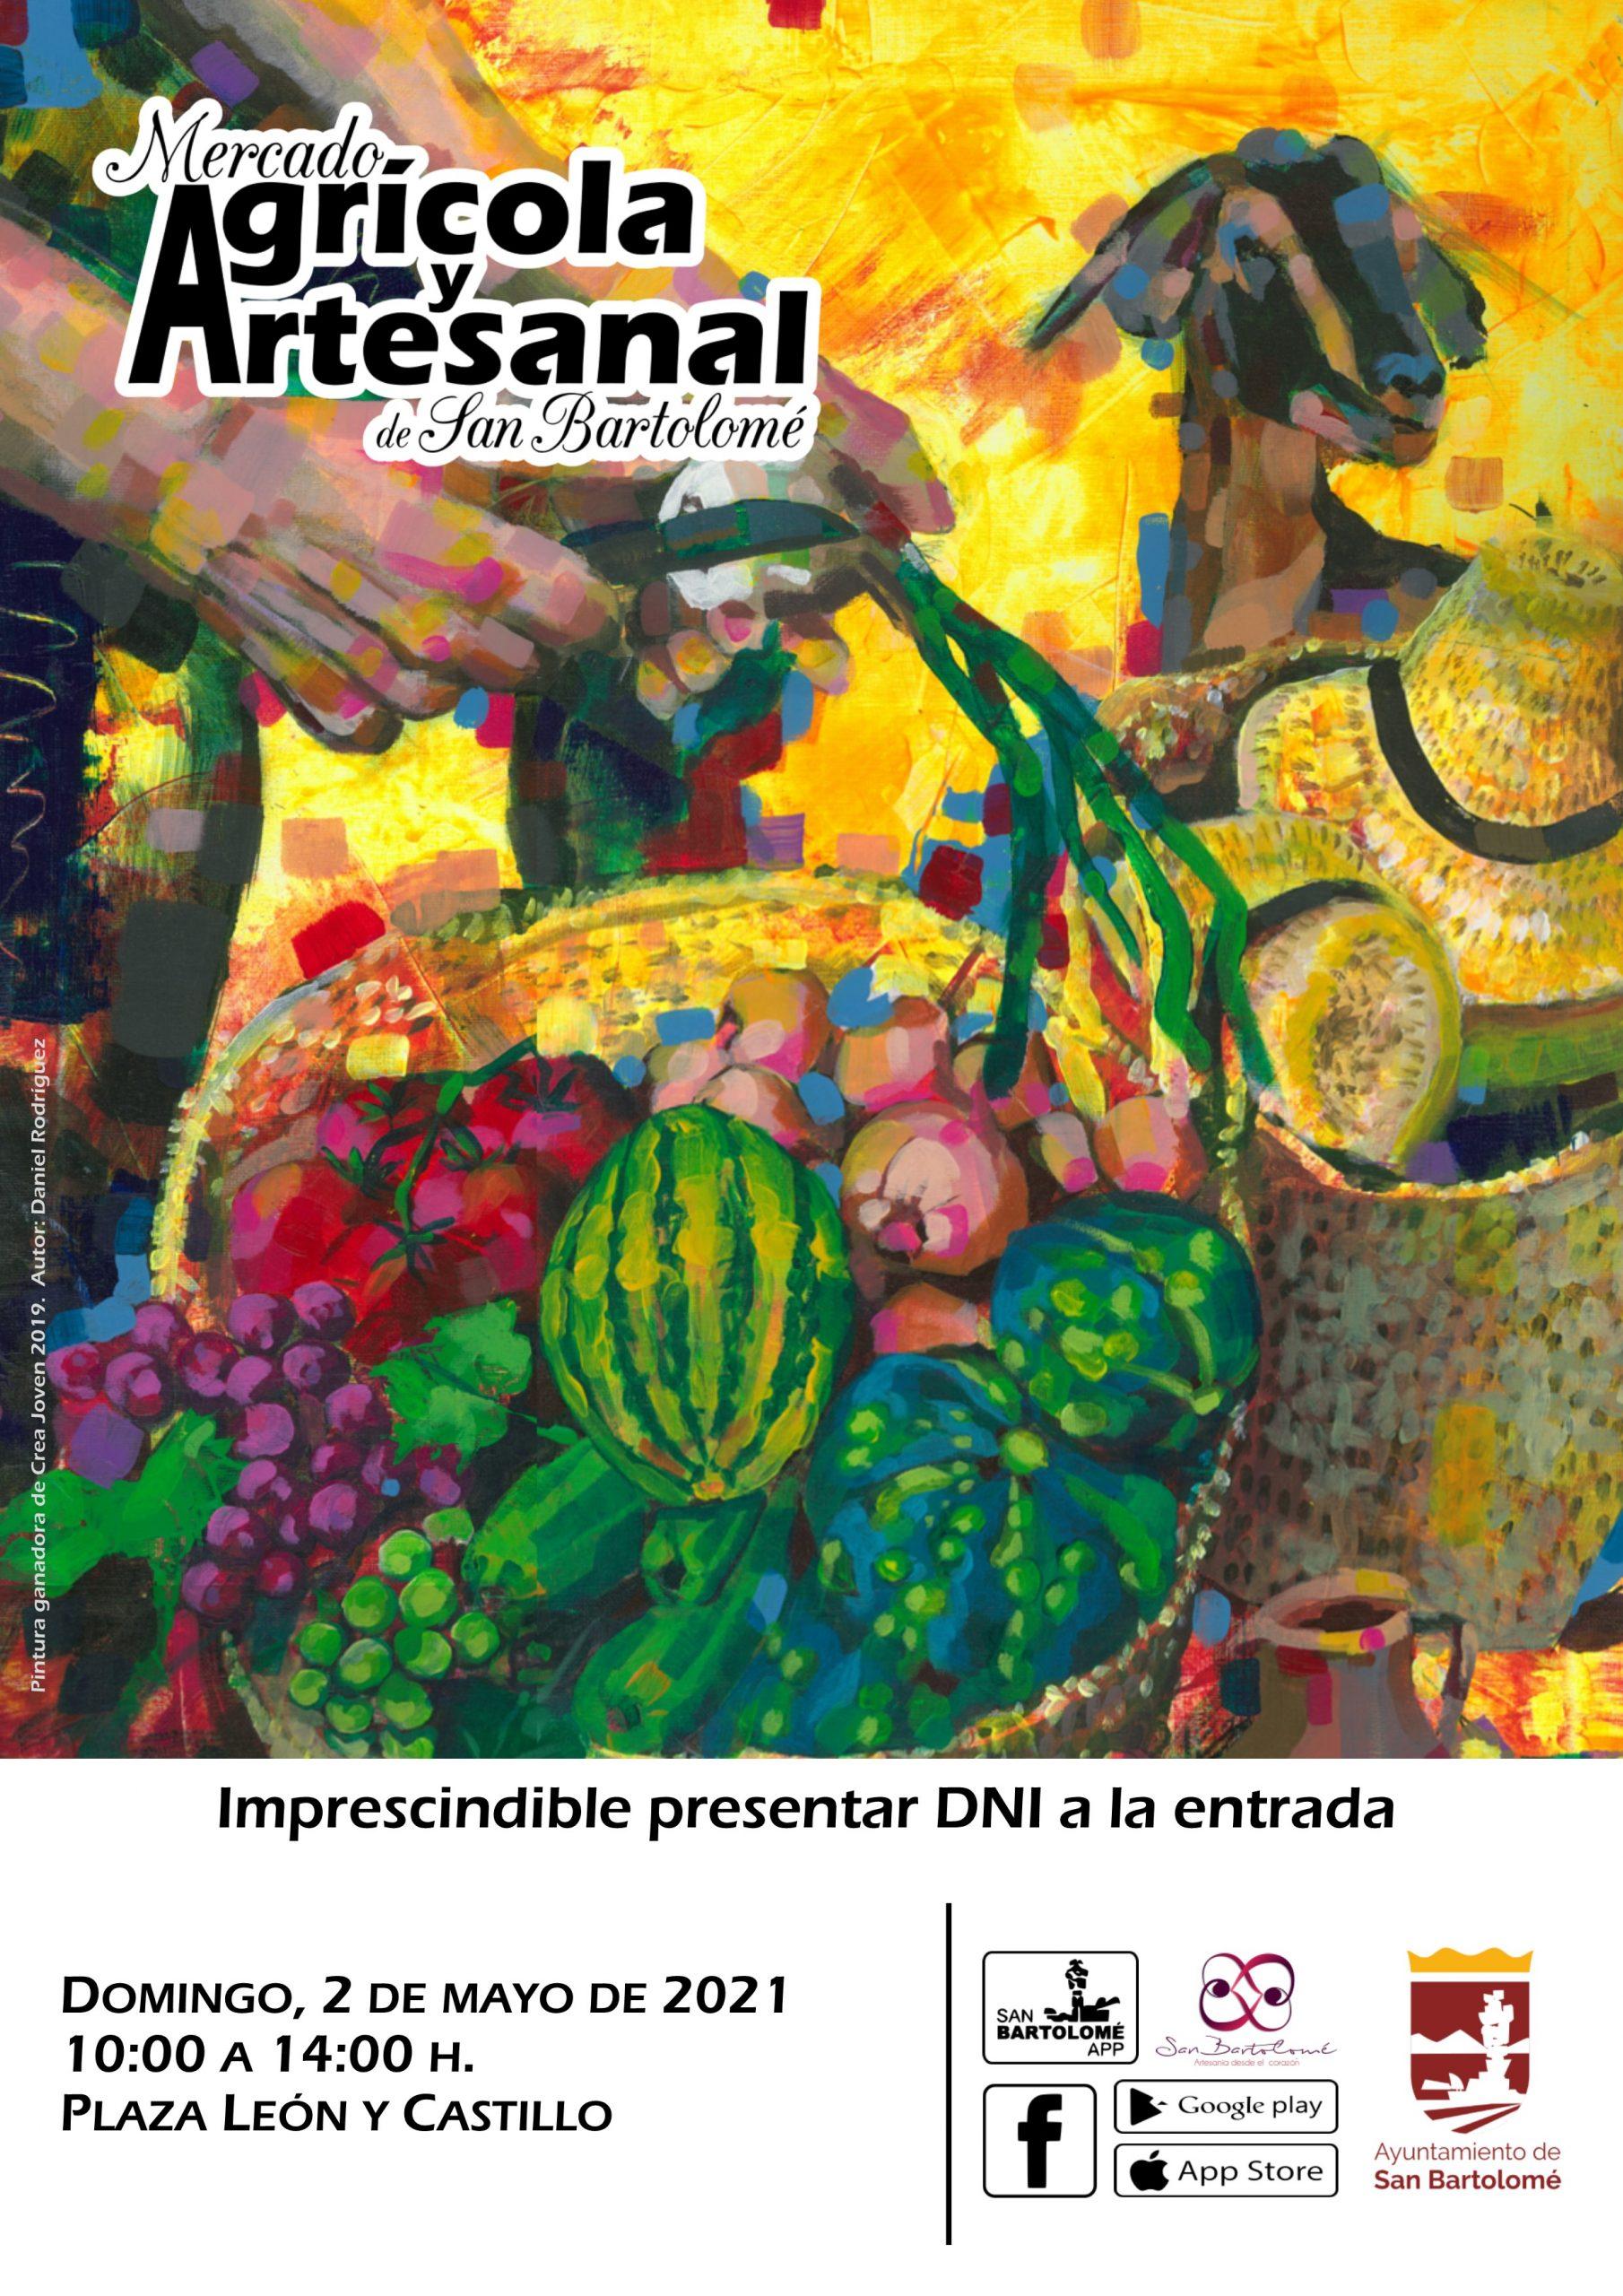 Reabre el domingo 2 de mayo el Mercado Agrícola y Artesanal de San Bartolomé